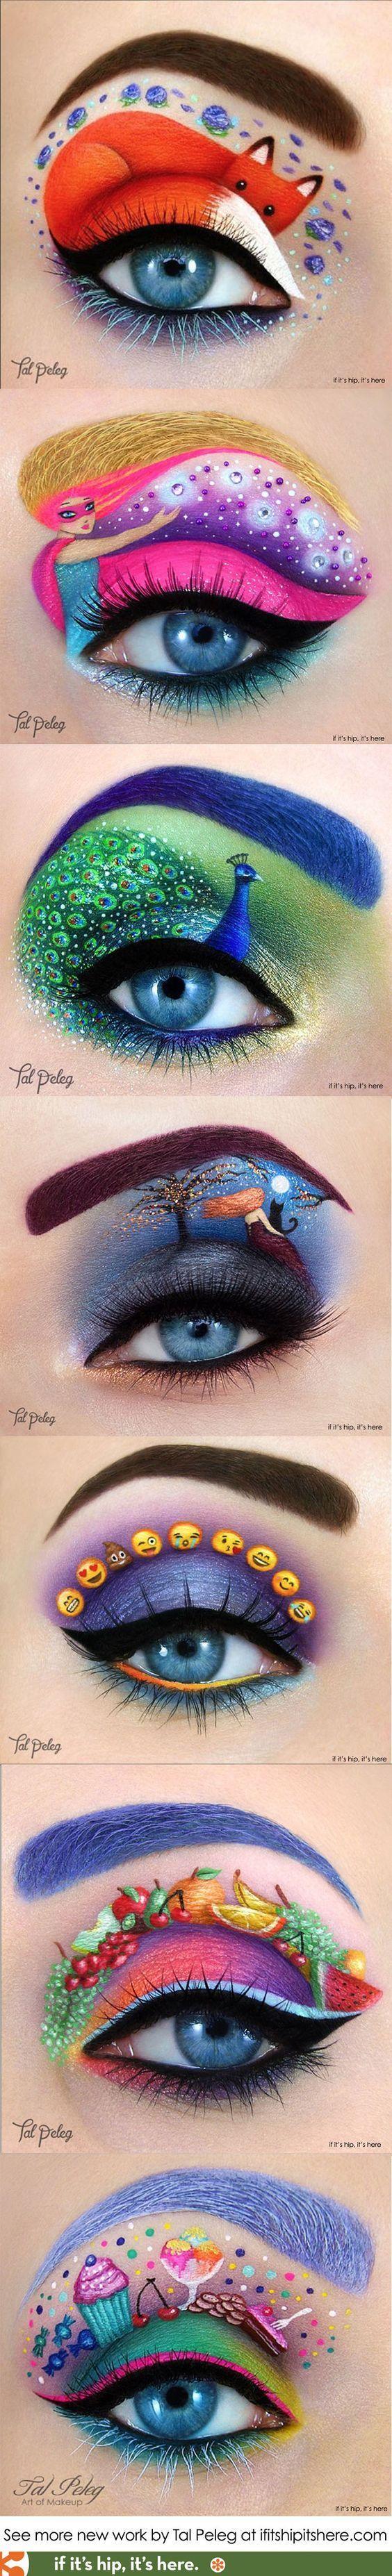 J'ai choisi cette image, car je trouve que les maquillages sont super beau et que les couleurs choisies sont vives et rendent le tout merveilleux. Lorsque je regarde cette image, je ressent de la joie et de la liberté puisqu'il y a des animaux sauvages et que la petite fille sur deux des maquillages est dehors et elle a aussi l'air libre.